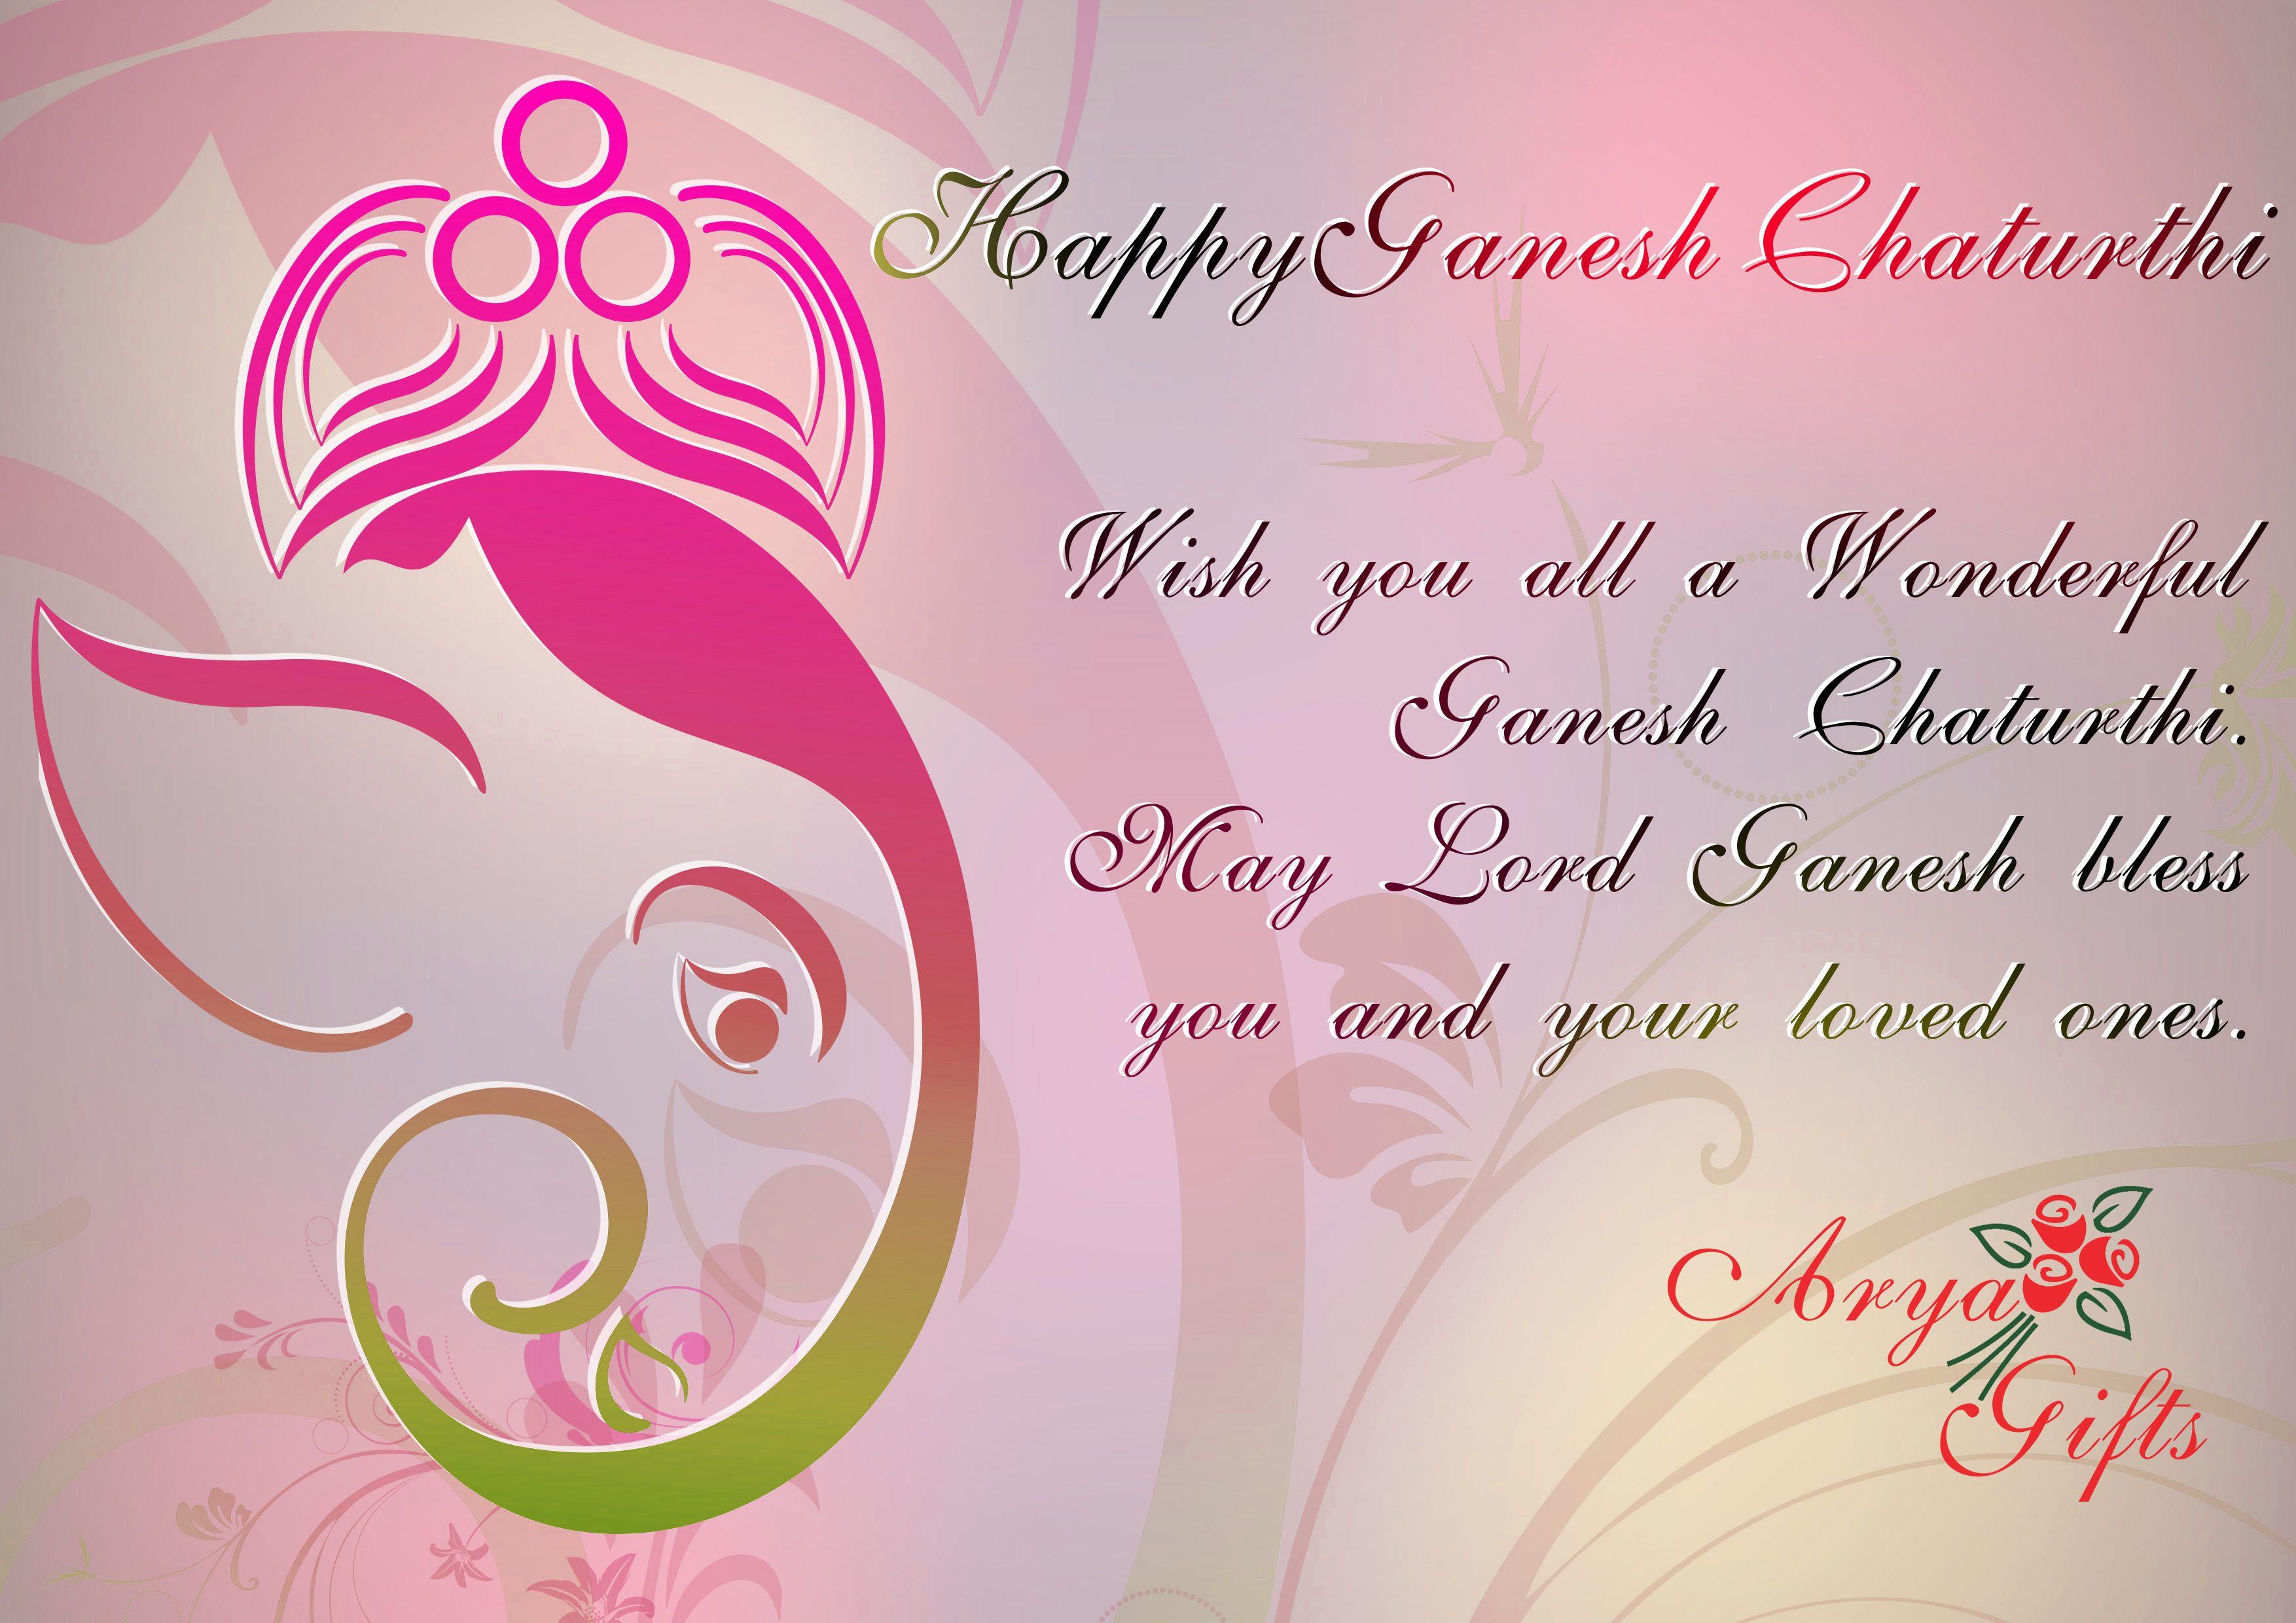 Pin By Arya Gifts On Aryagifts Send Rakhi Online Pinterest Send